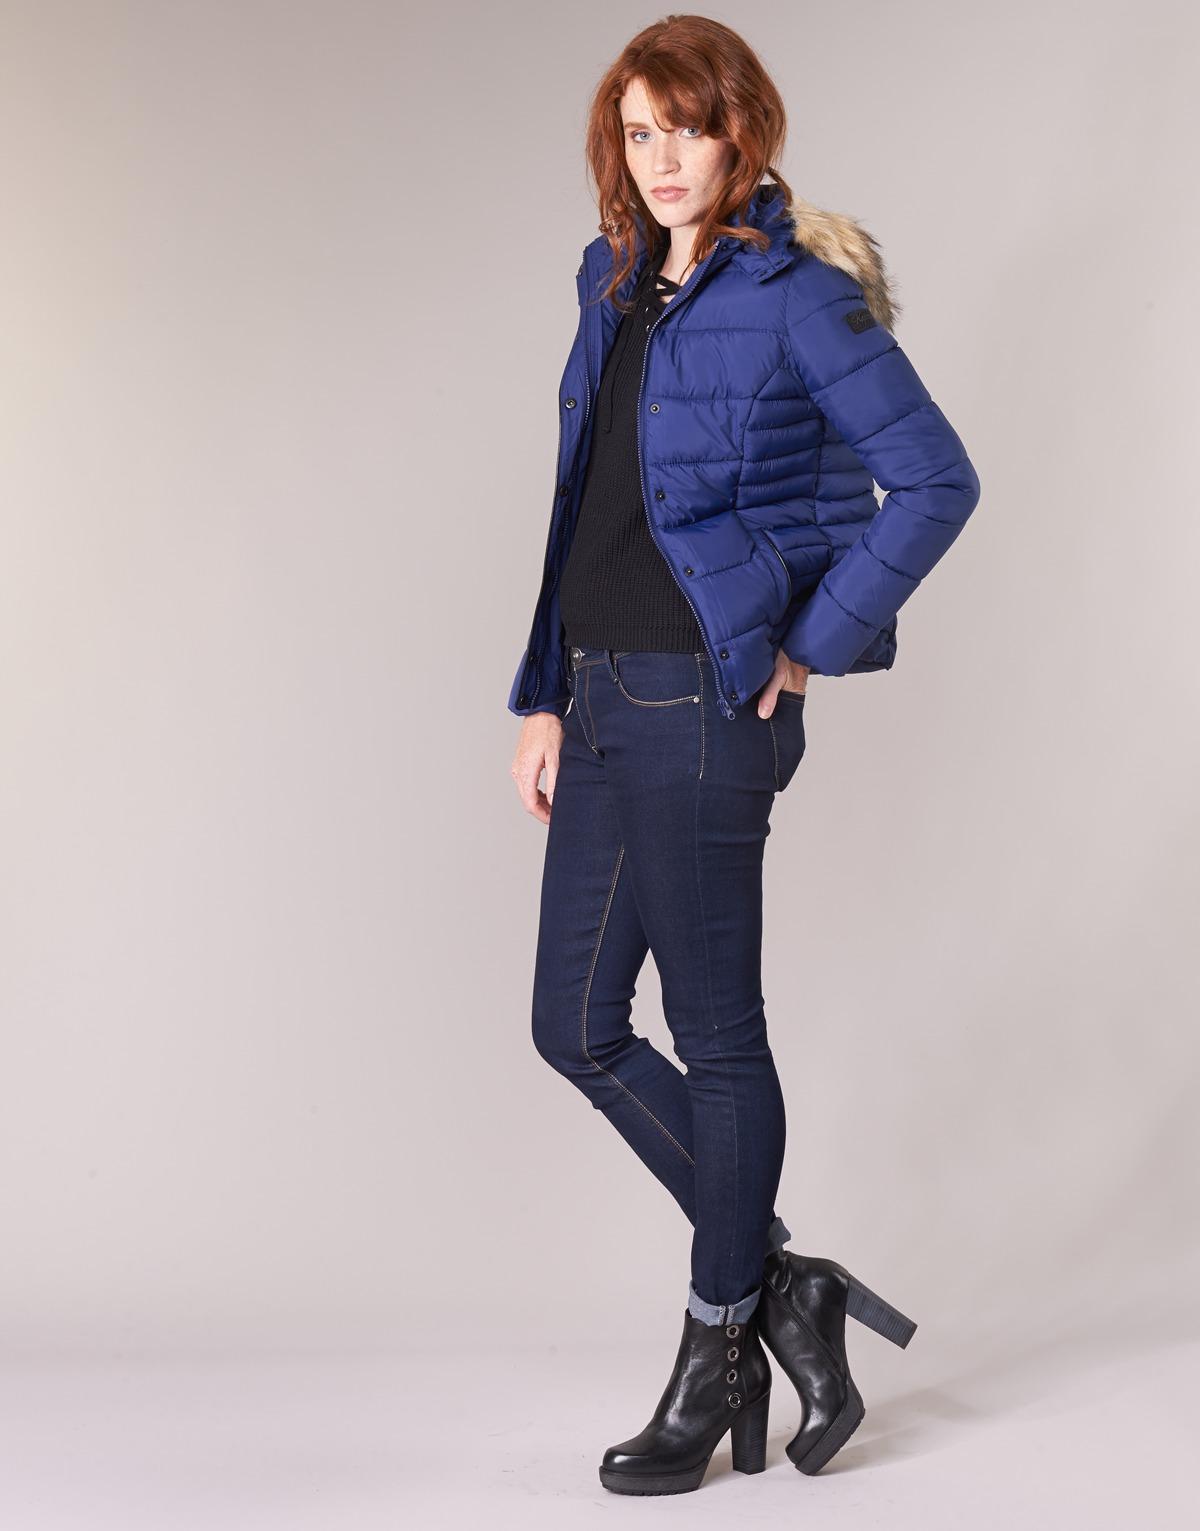 Kaporal Goldy Marine - Livraison Gratuite Vêtements Doudounes Femme 74,20 €